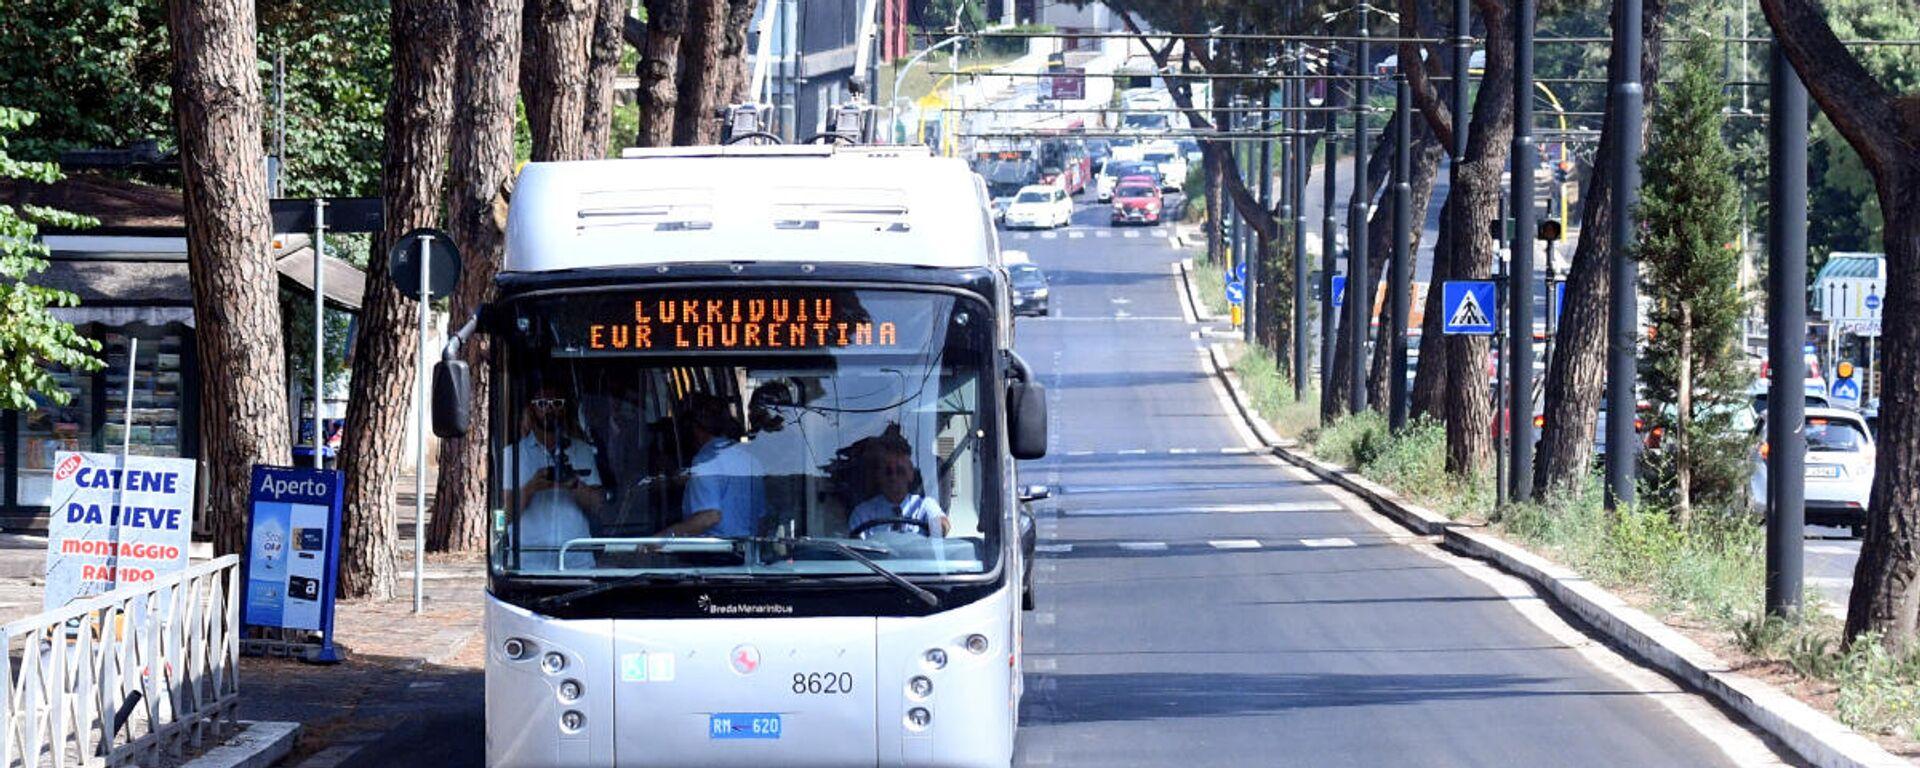 La sindaca Virginia Raggi inaugura il Corridoio Laurentino, ovvero il tratto di corsia preferenziale per autobus su via Laurentina - Sputnik Italia, 1920, 28.07.2021